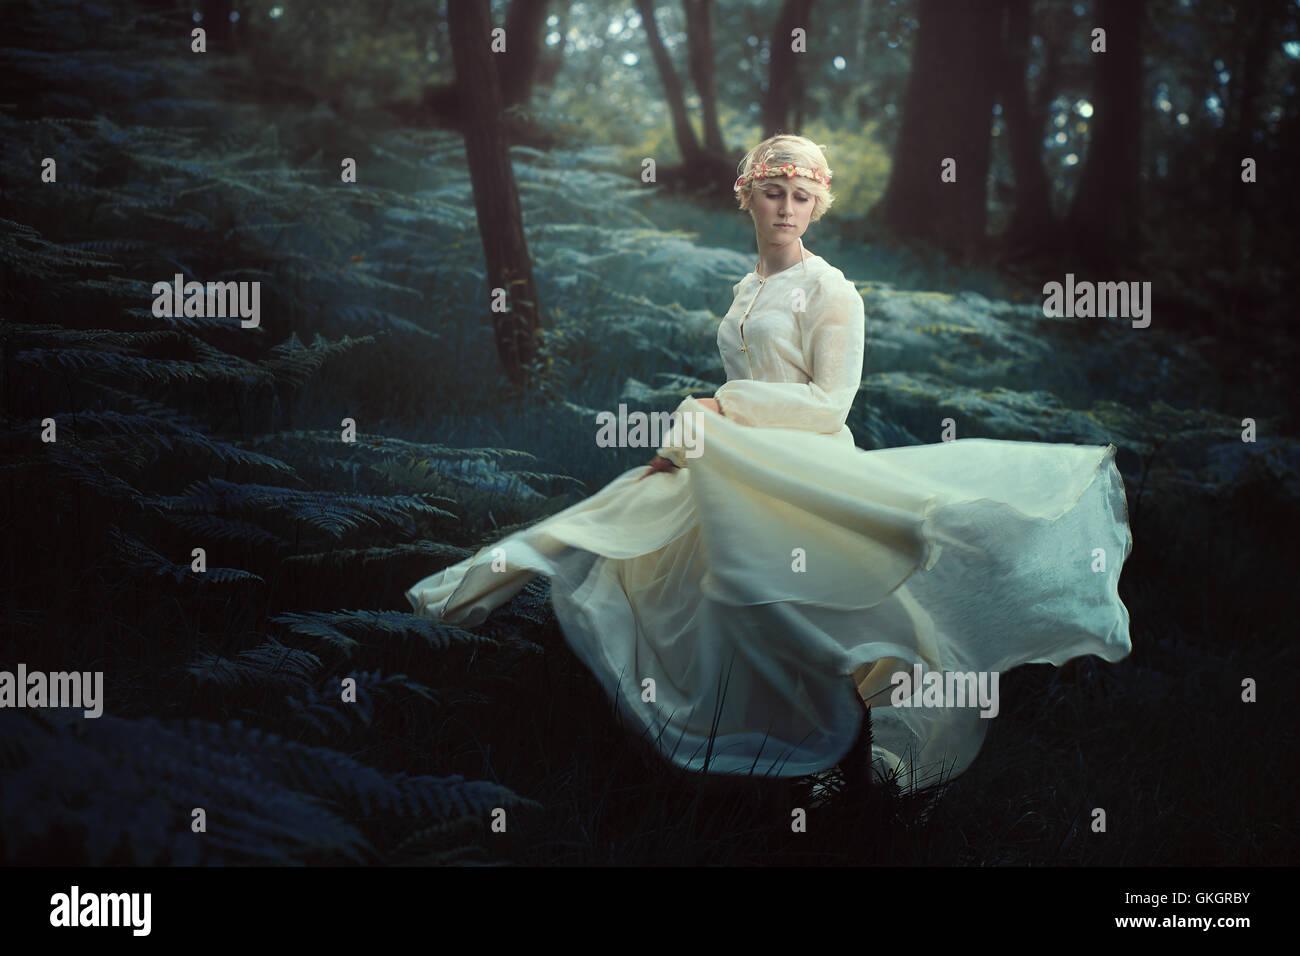 Mujer etérea bailando en el bosque de ensueño. Y surrealista de fantasía Foto de stock